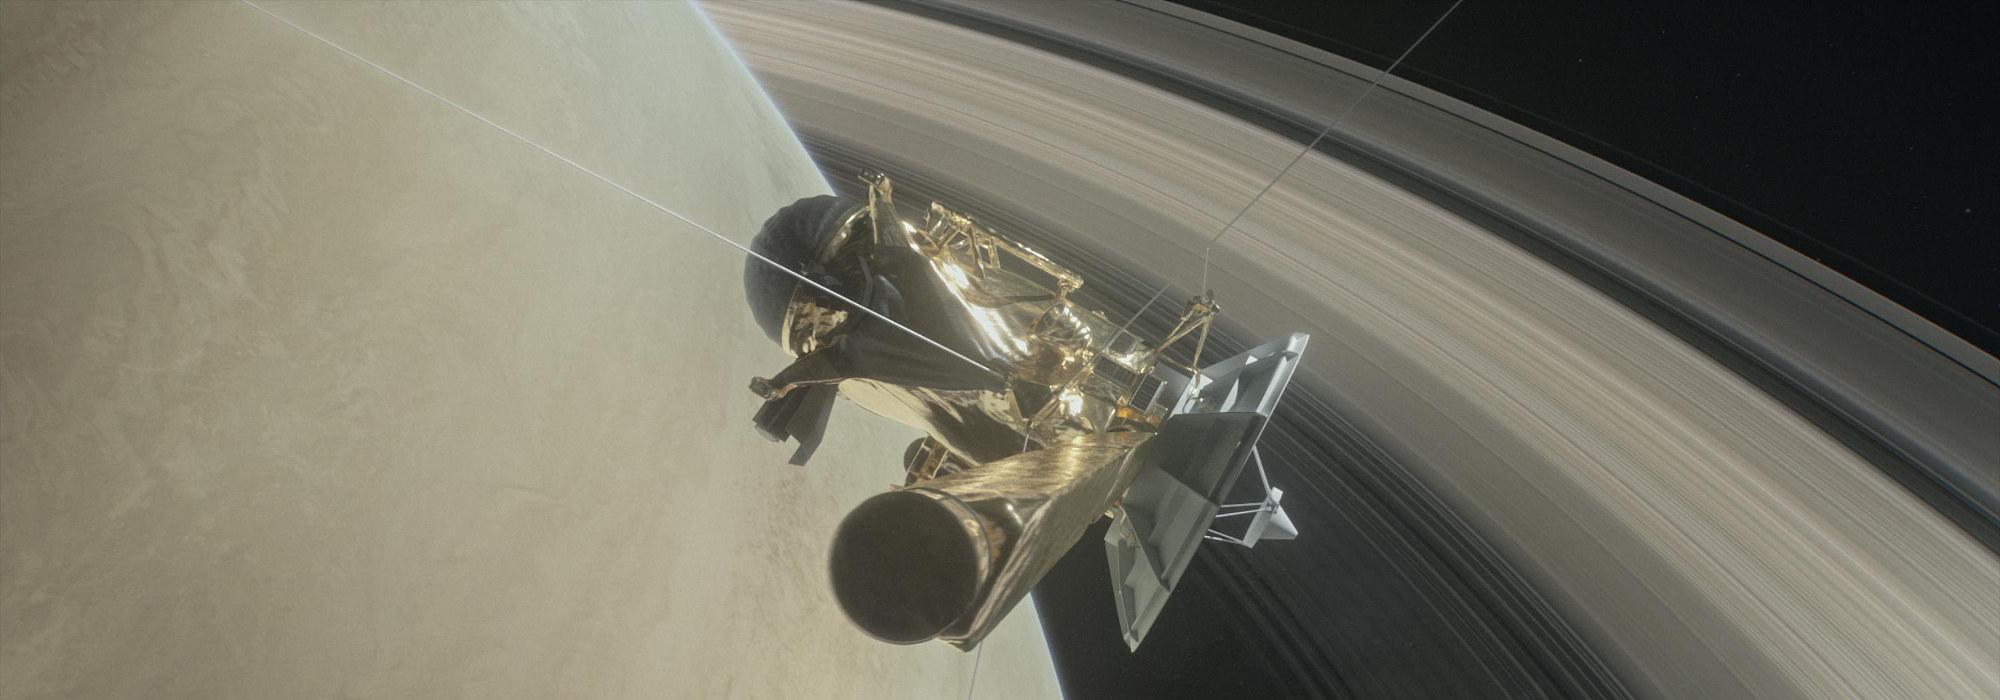 Cassini'nin Satürn Halkalarına Derin Dalışı